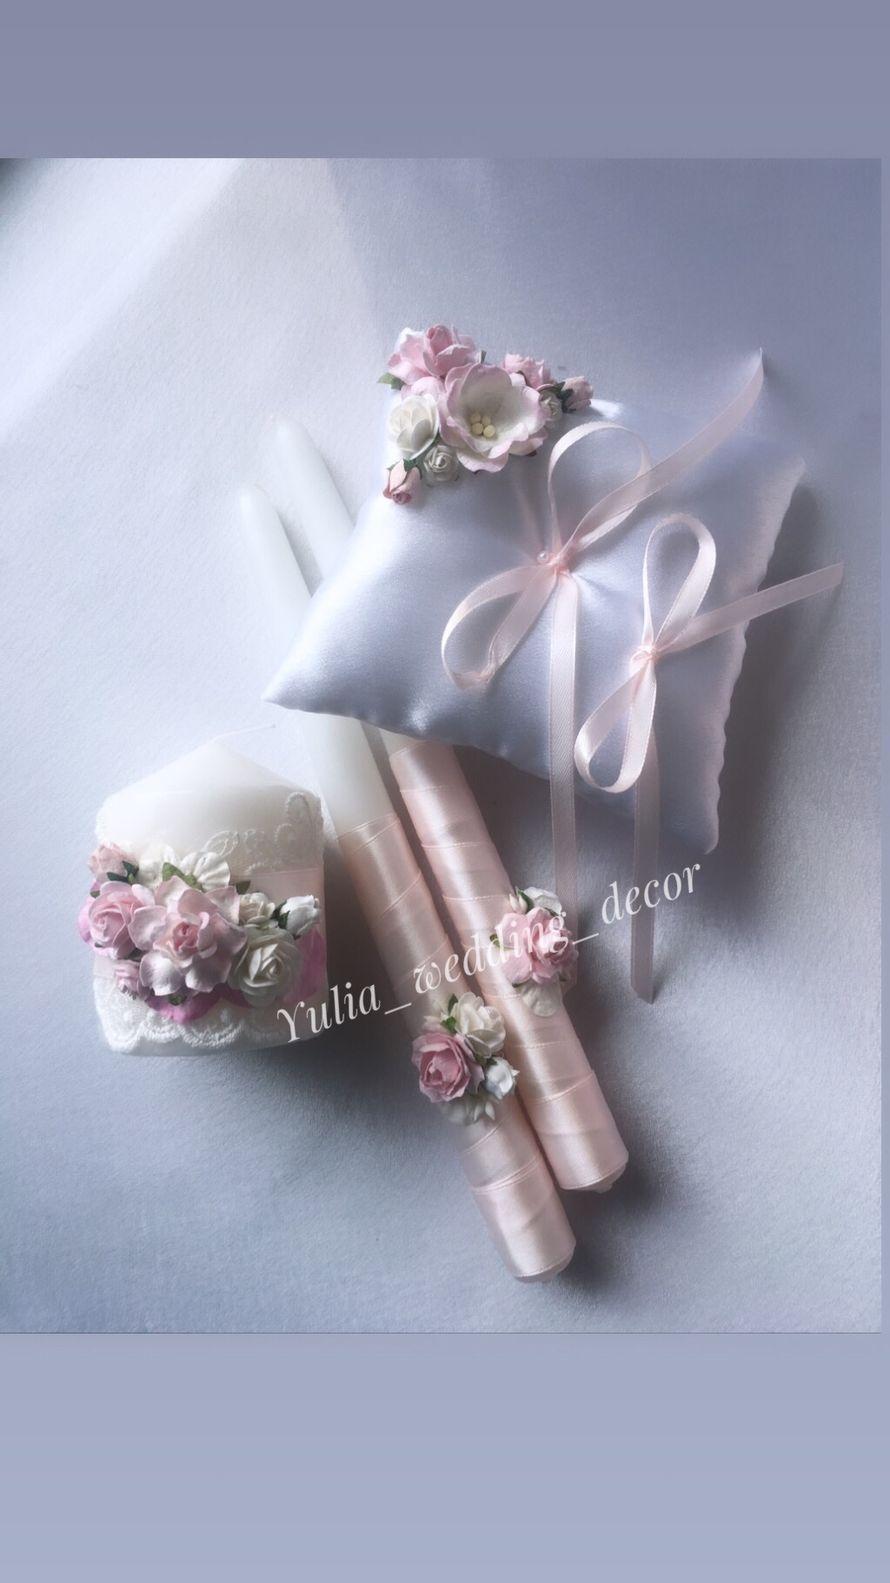 Фото 19143782 в коллекции 2019 - Wedding accessories - мастерская аксессуаров